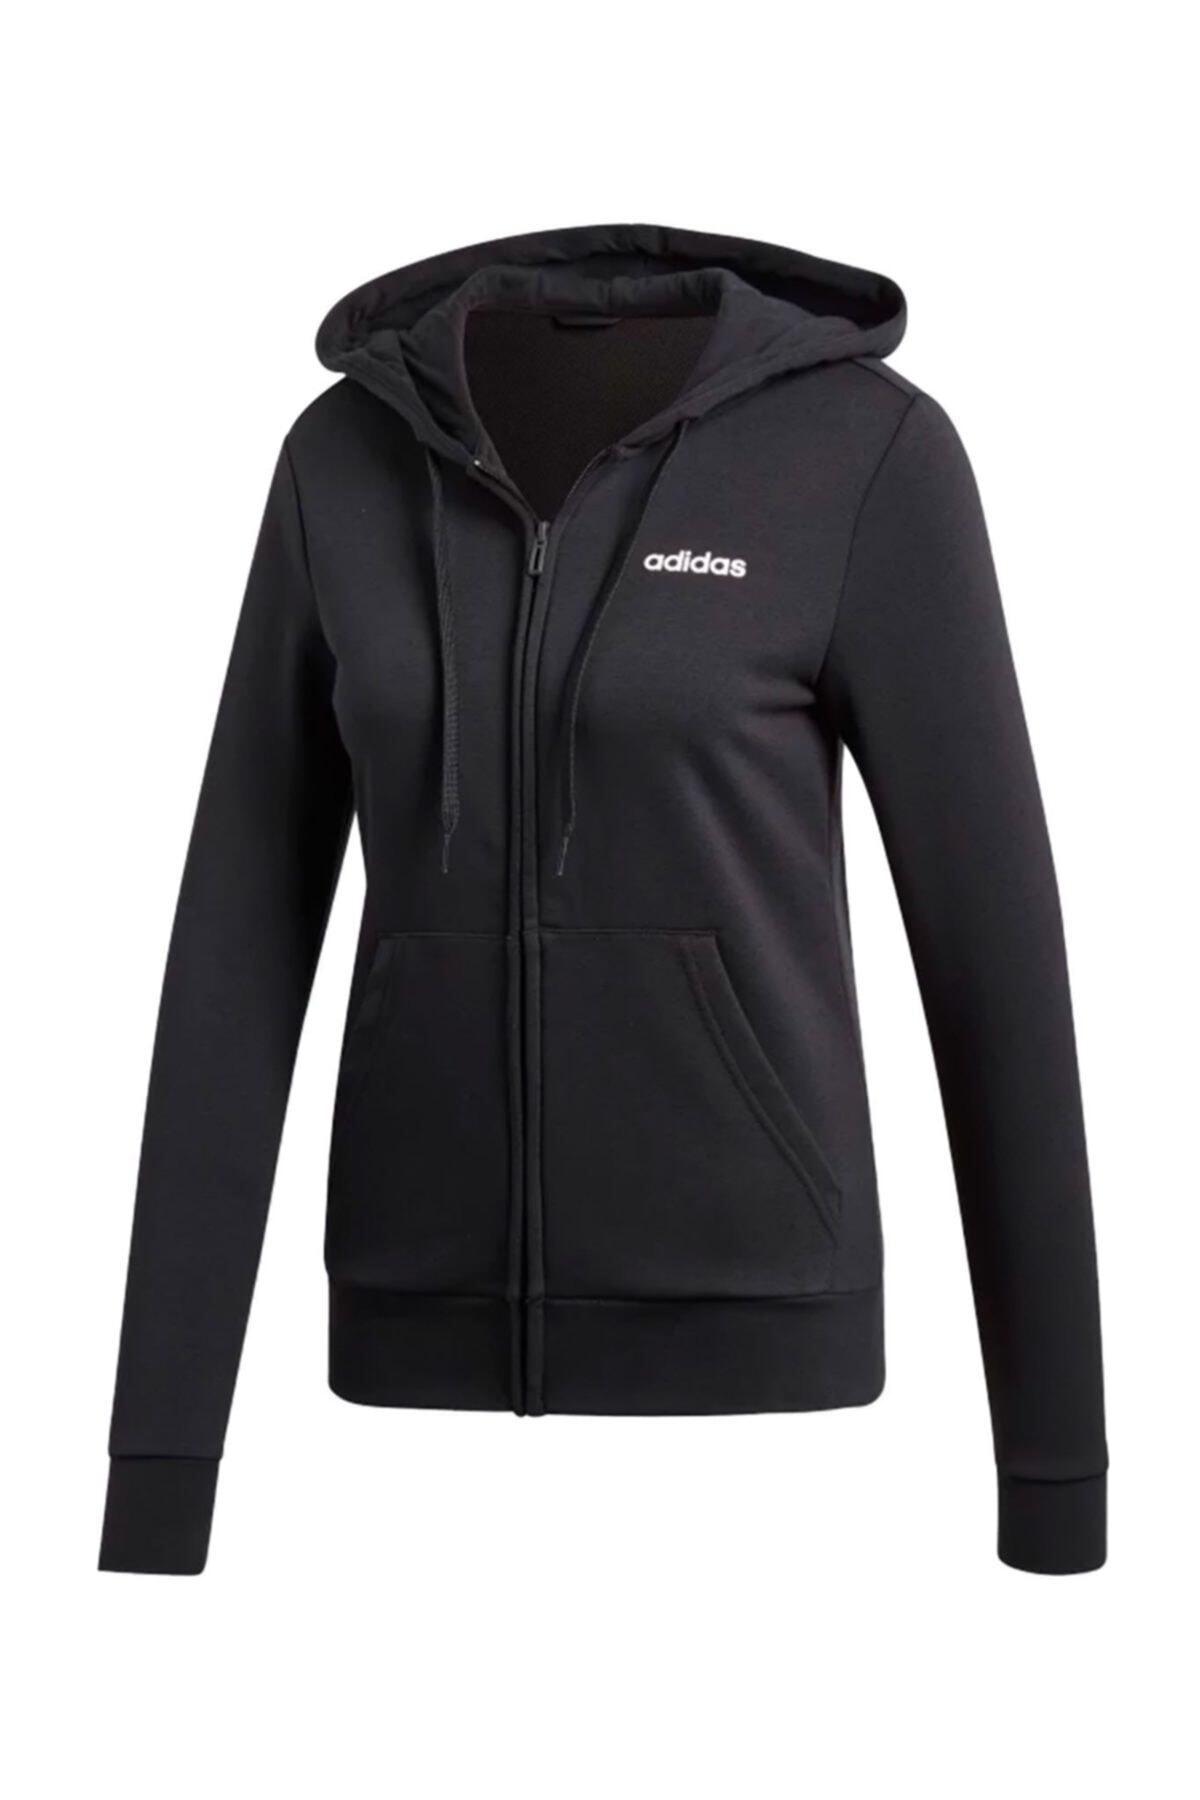 خرید انلاین گرمکن ورزشی جدید زنانه شیک برند ادیداس رنگ مشکی کد ty32636428